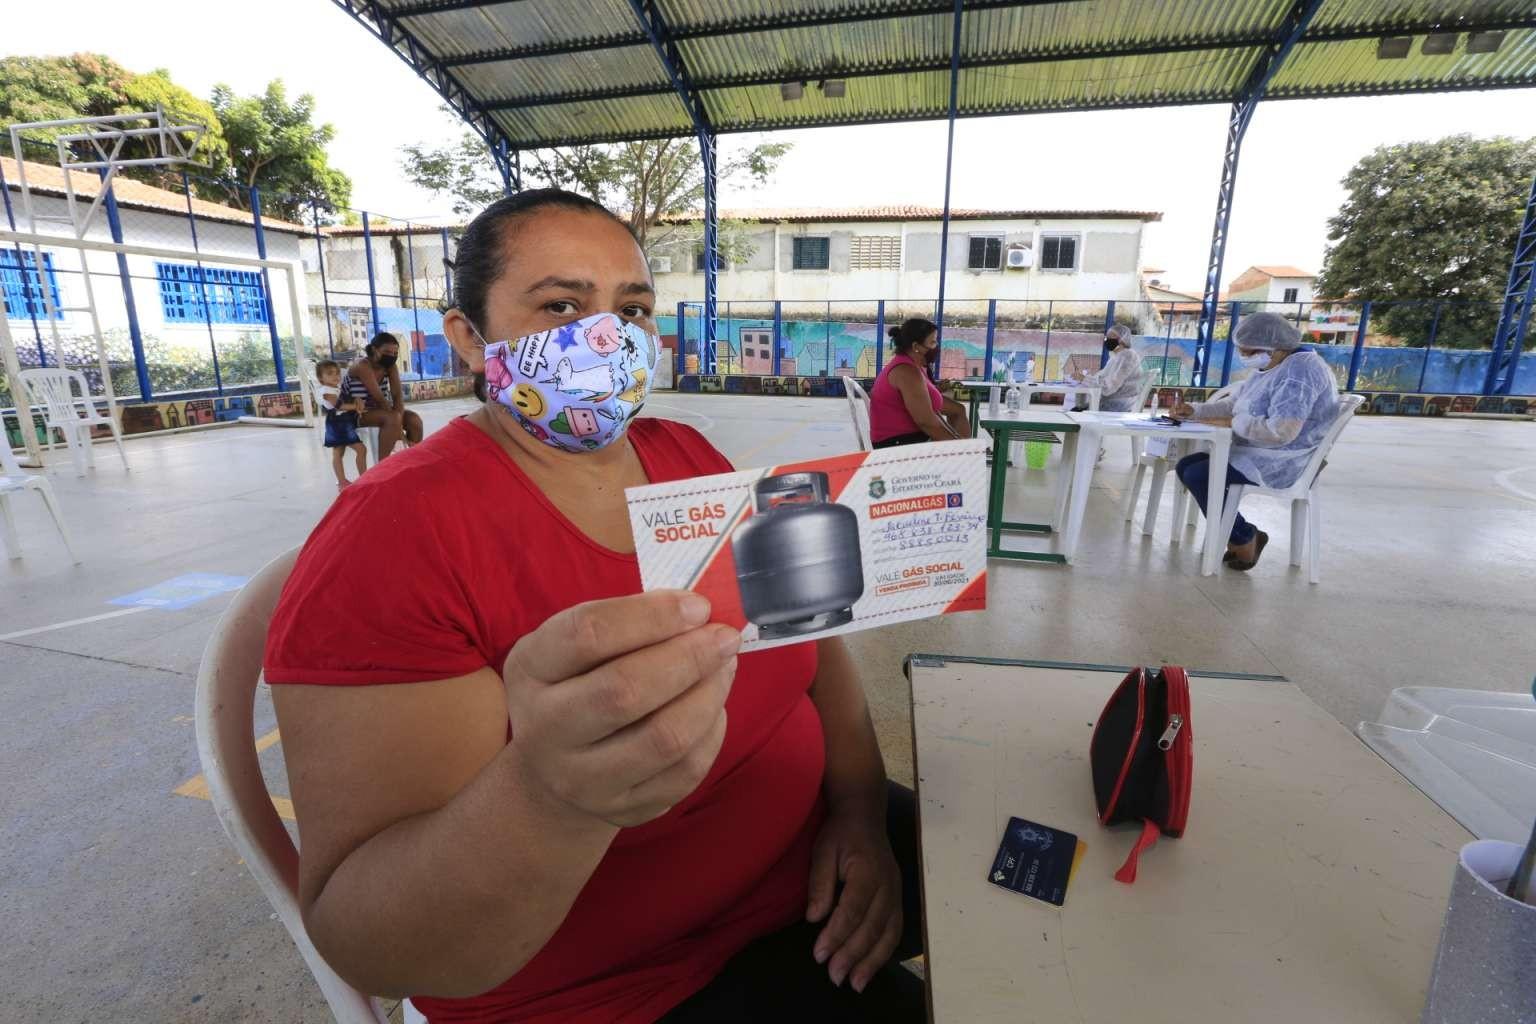 Segundo lote do vale gás começa a ser distribuído em Fortaleza a partir de segunda-feira (17)